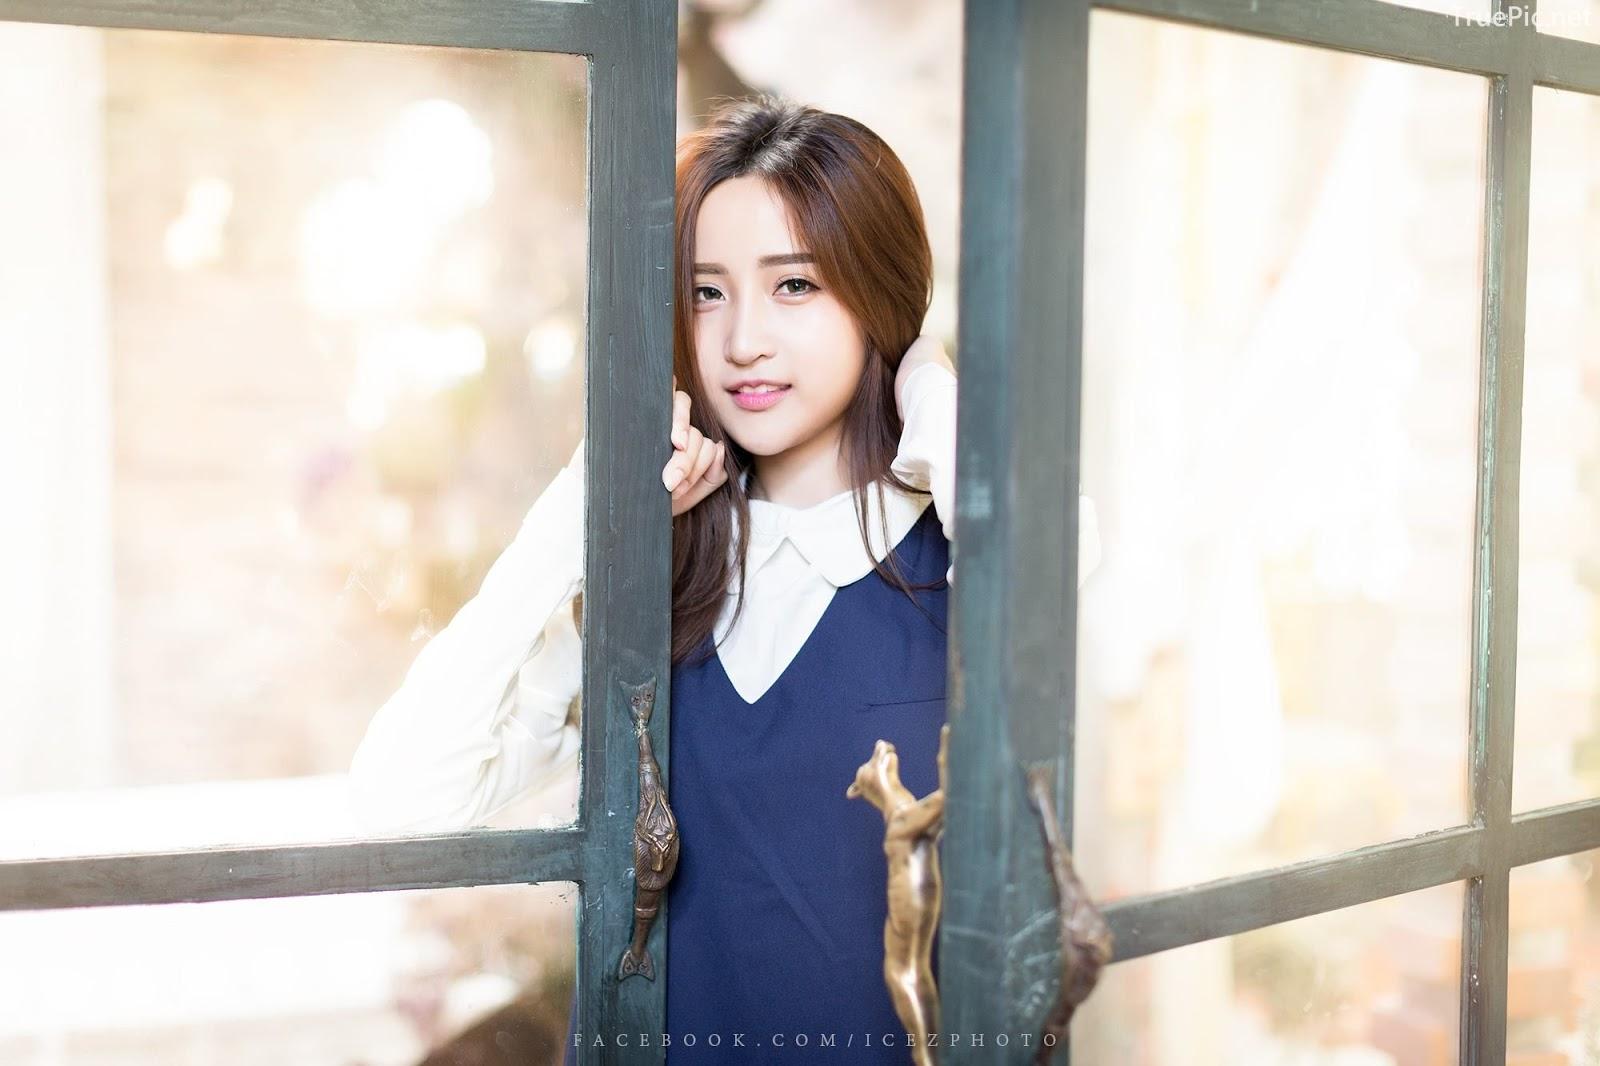 Thailand Hot Girl - Thanyarat Charoenpornkittada - Welcome to my world - TruePic.net - Picture 5